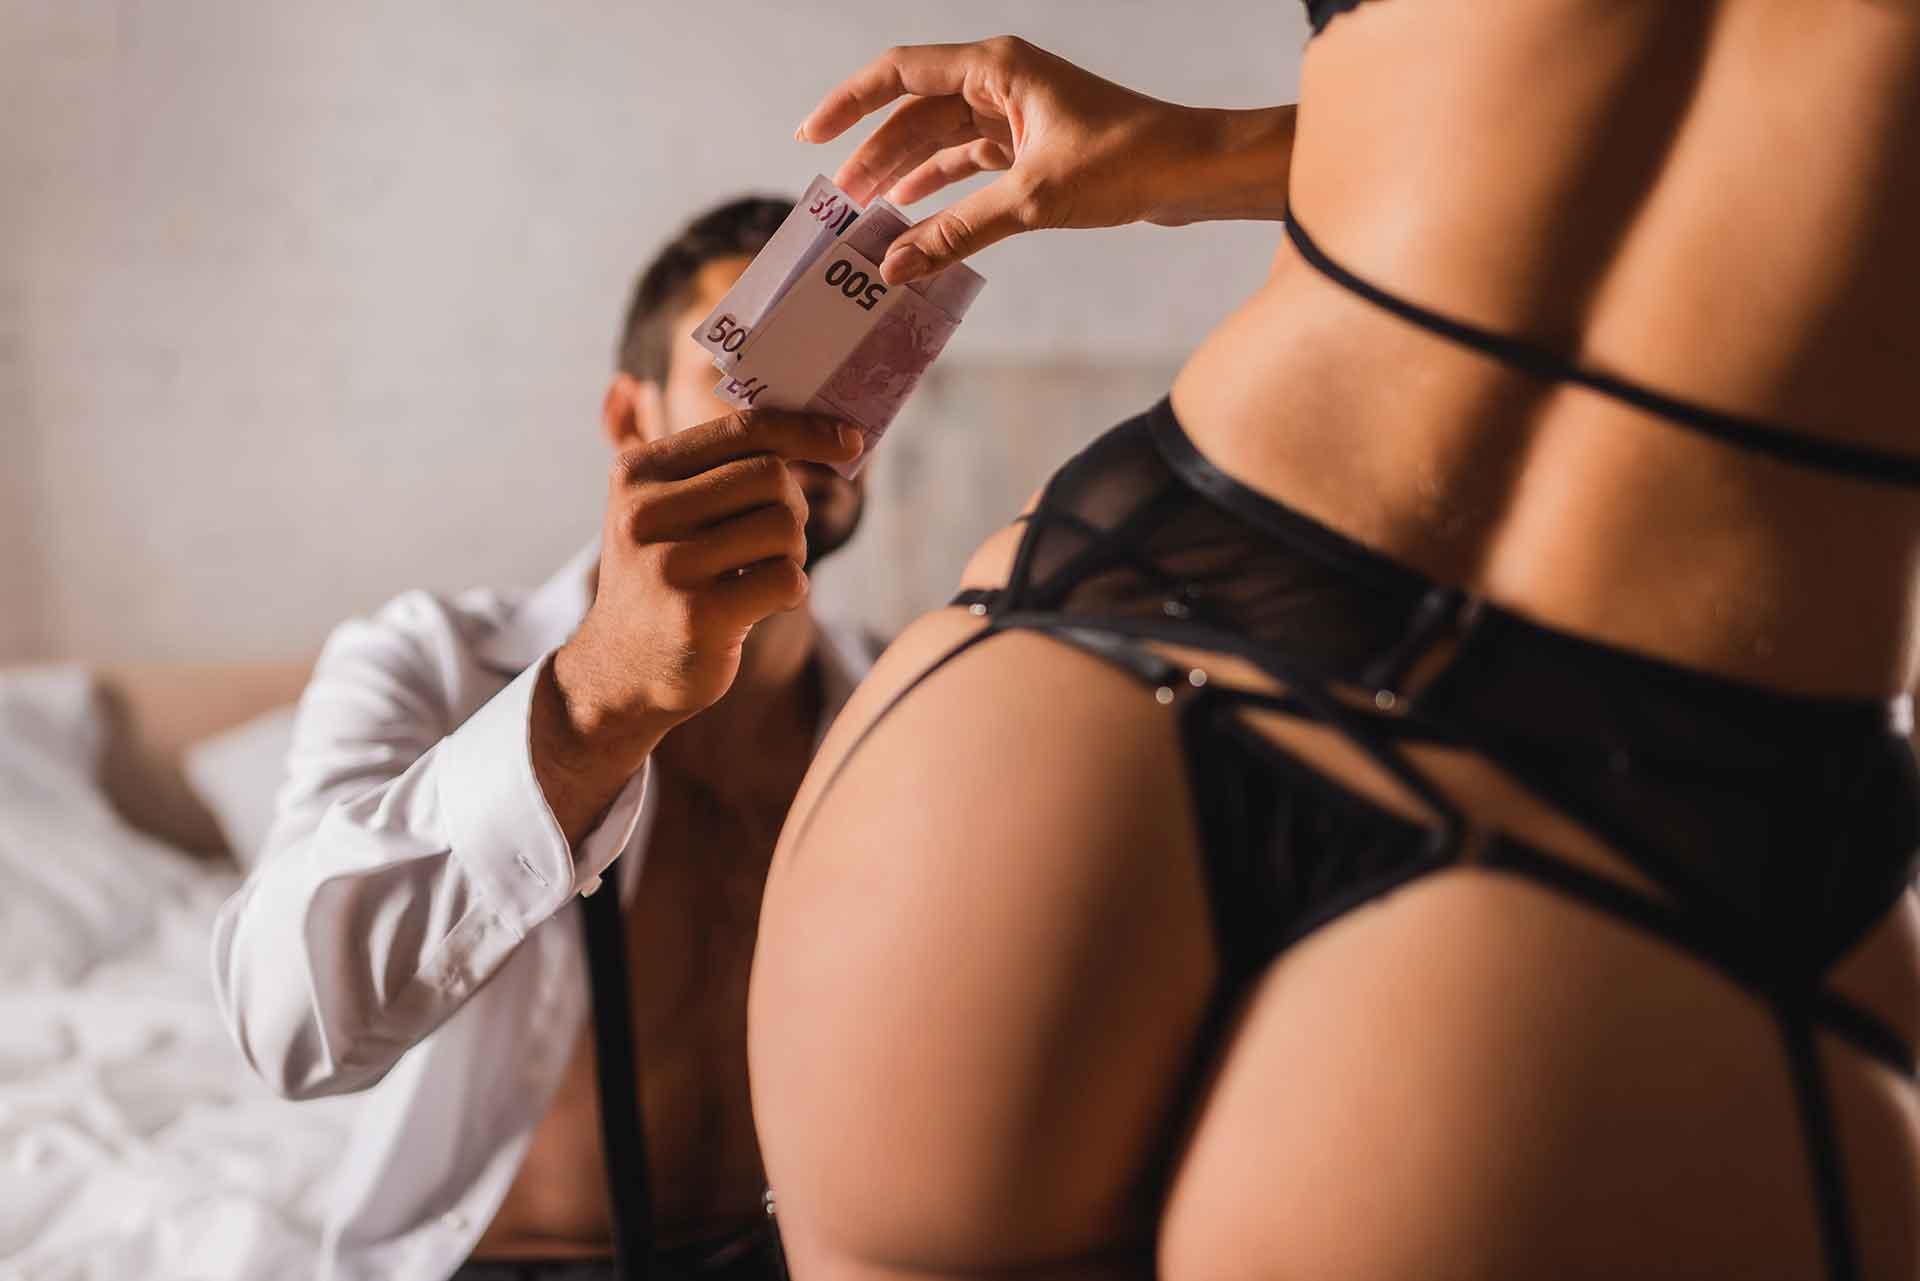 Spraakmakende strafzaken - Mensenhandel Amsterdamse escortservice